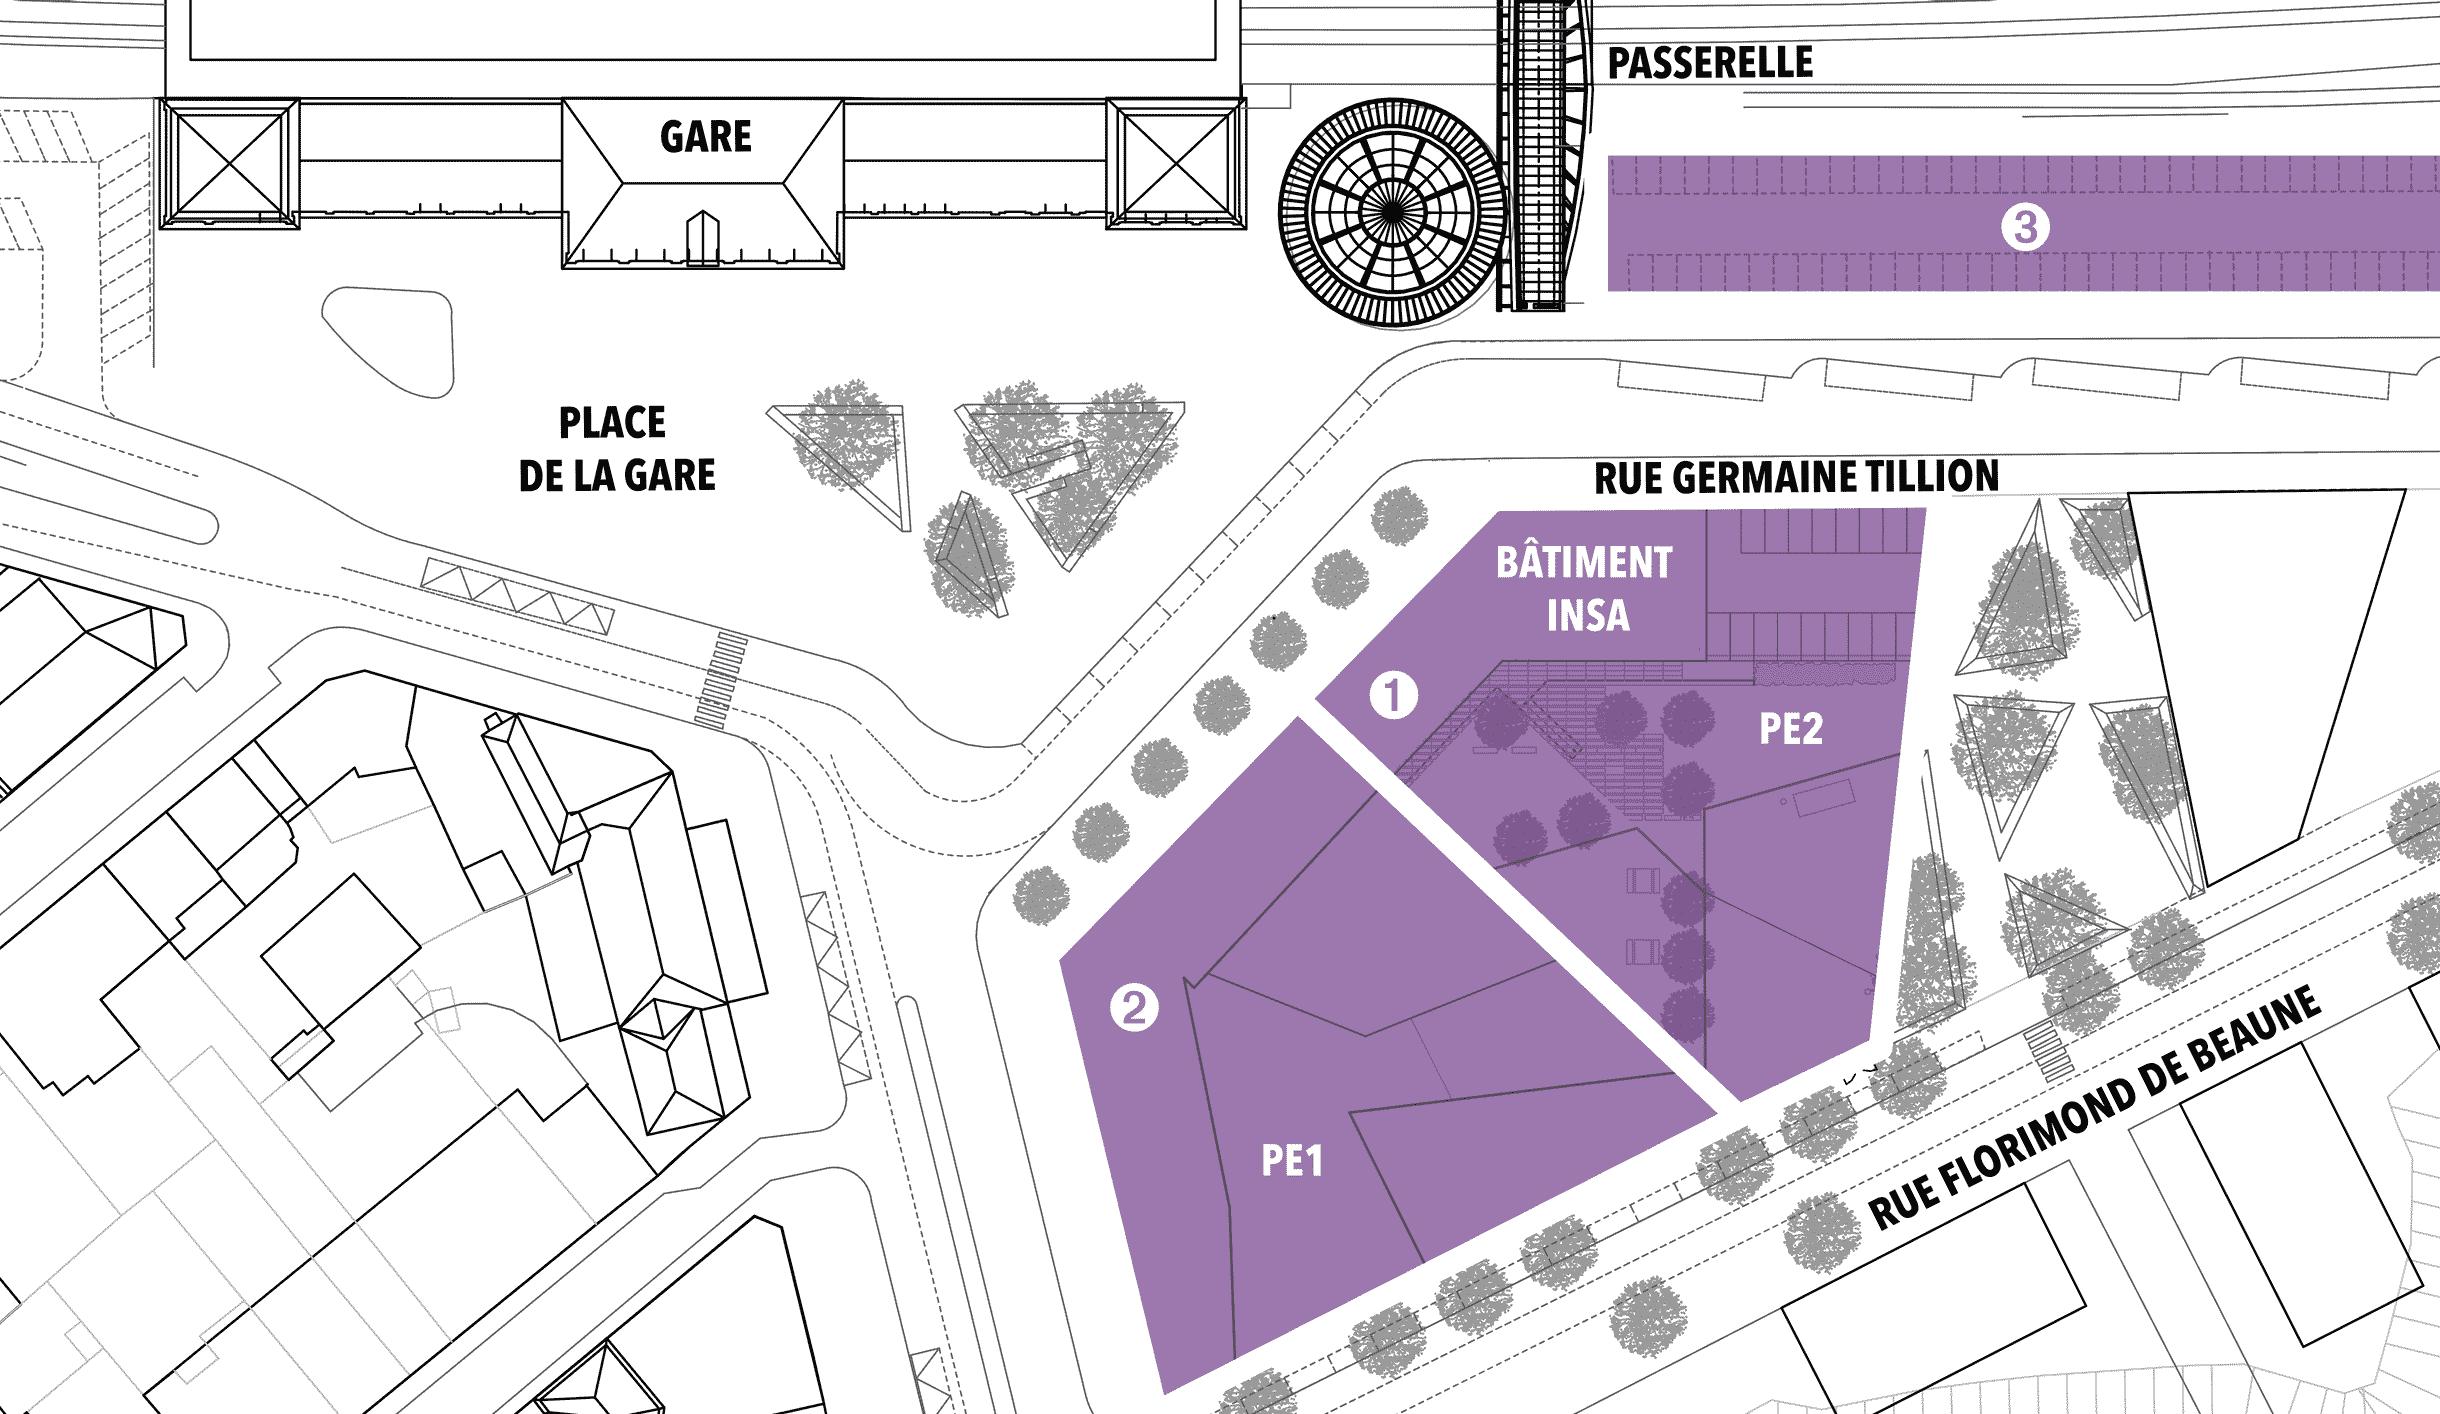 Plan montrant les différentes parcelles du projet à ce stade, avec les voies ferrés en haut de l'image et le parvis de la gare juste en dessous. Lorsque l'on fait face au parvis, les parcelles PE1 et PE2 sont sur la droite. PE1 étant la plus proche et PE2 étant juste après. Les deux donnent malgré tout sur le parvis.